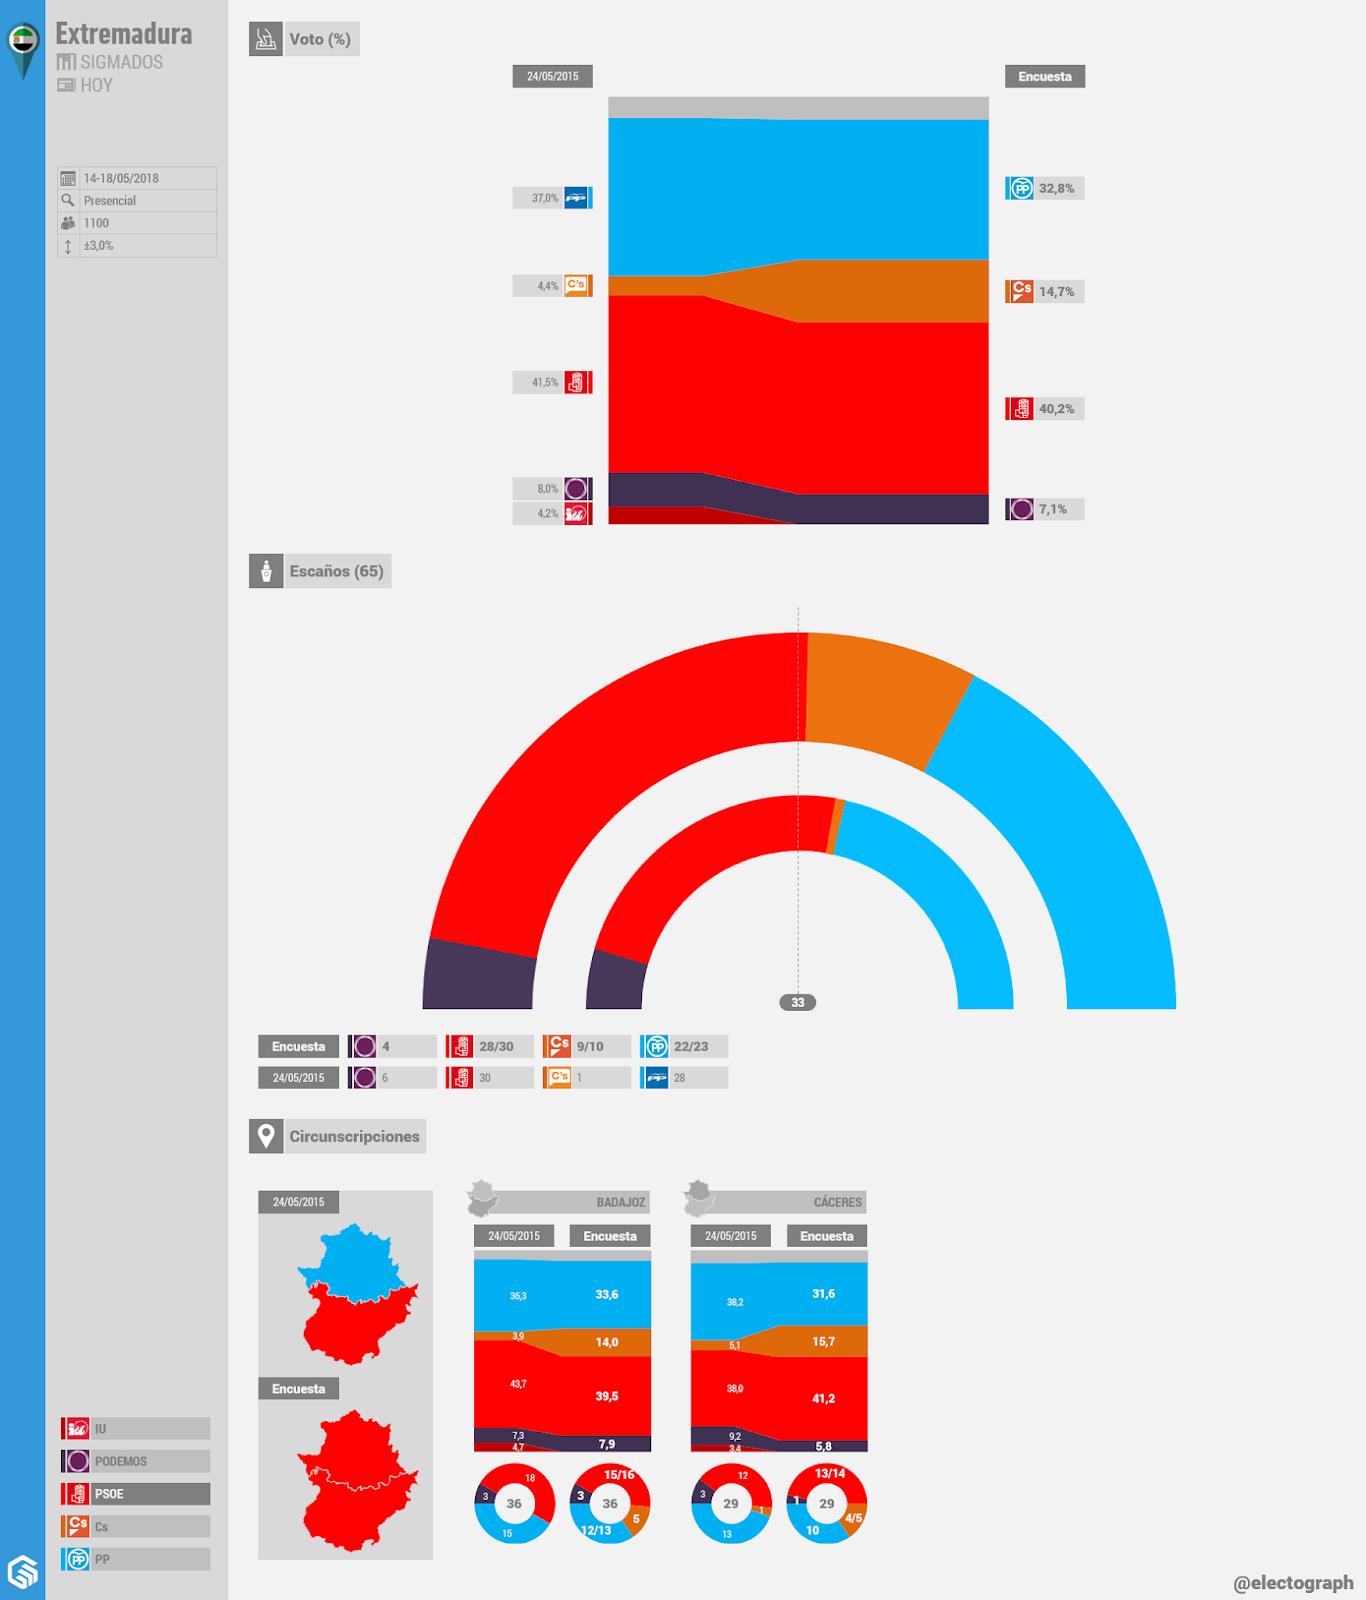 Gráfico de la encuesta para elecciones autonómicas en Extremadura realizada por SigmaDos para Hoy en mayo de 2018